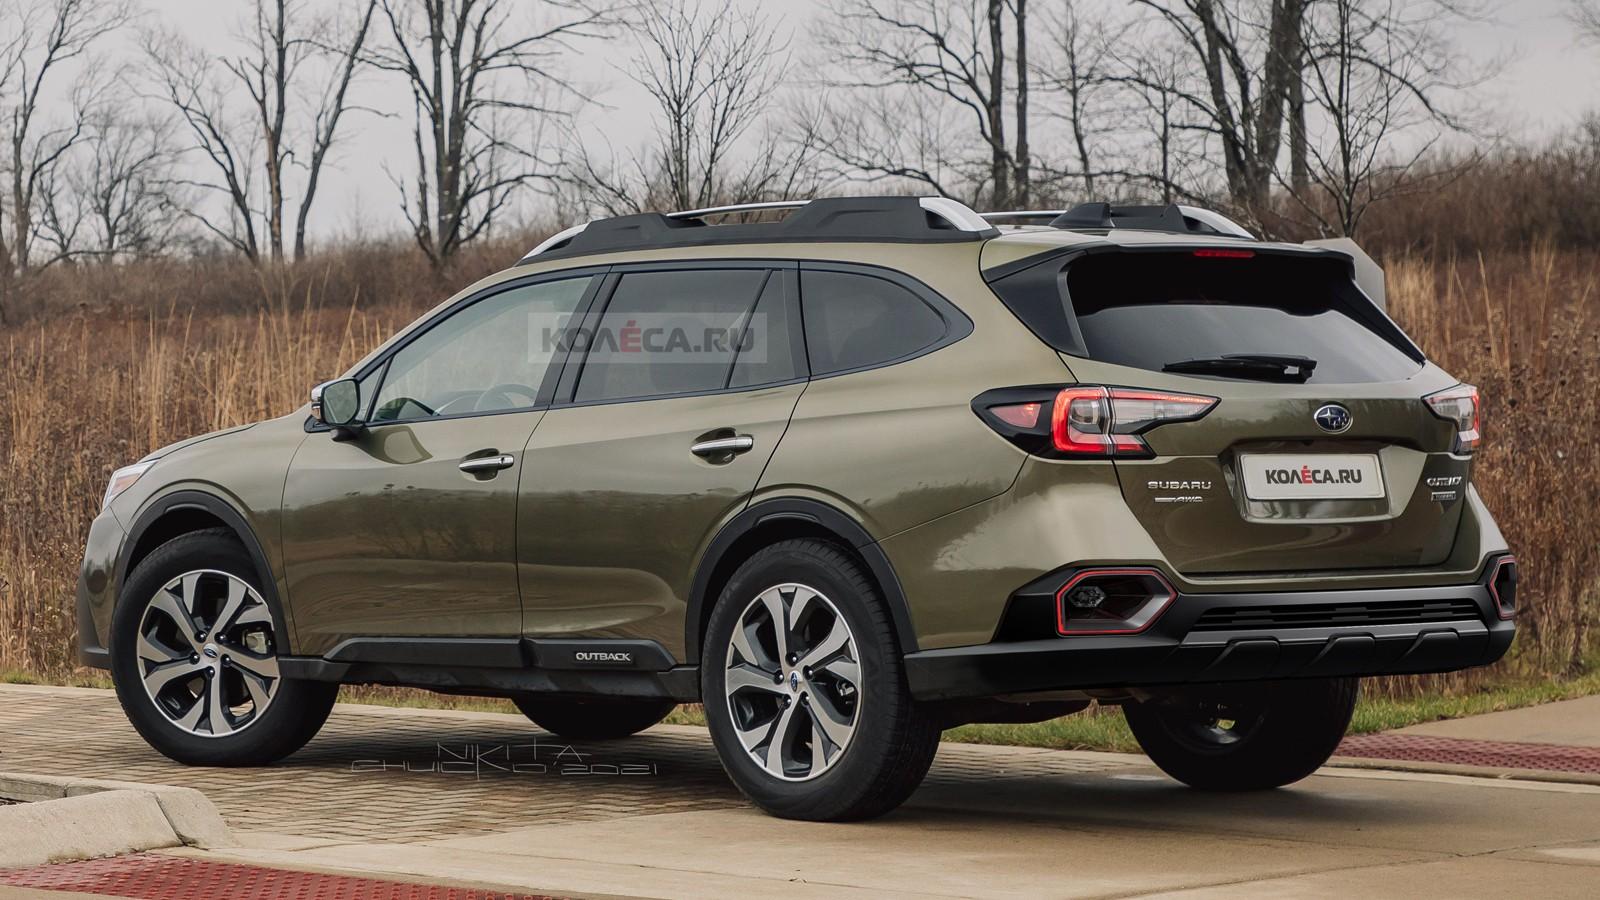 Обновлённый Subaru Outback: первые изображения